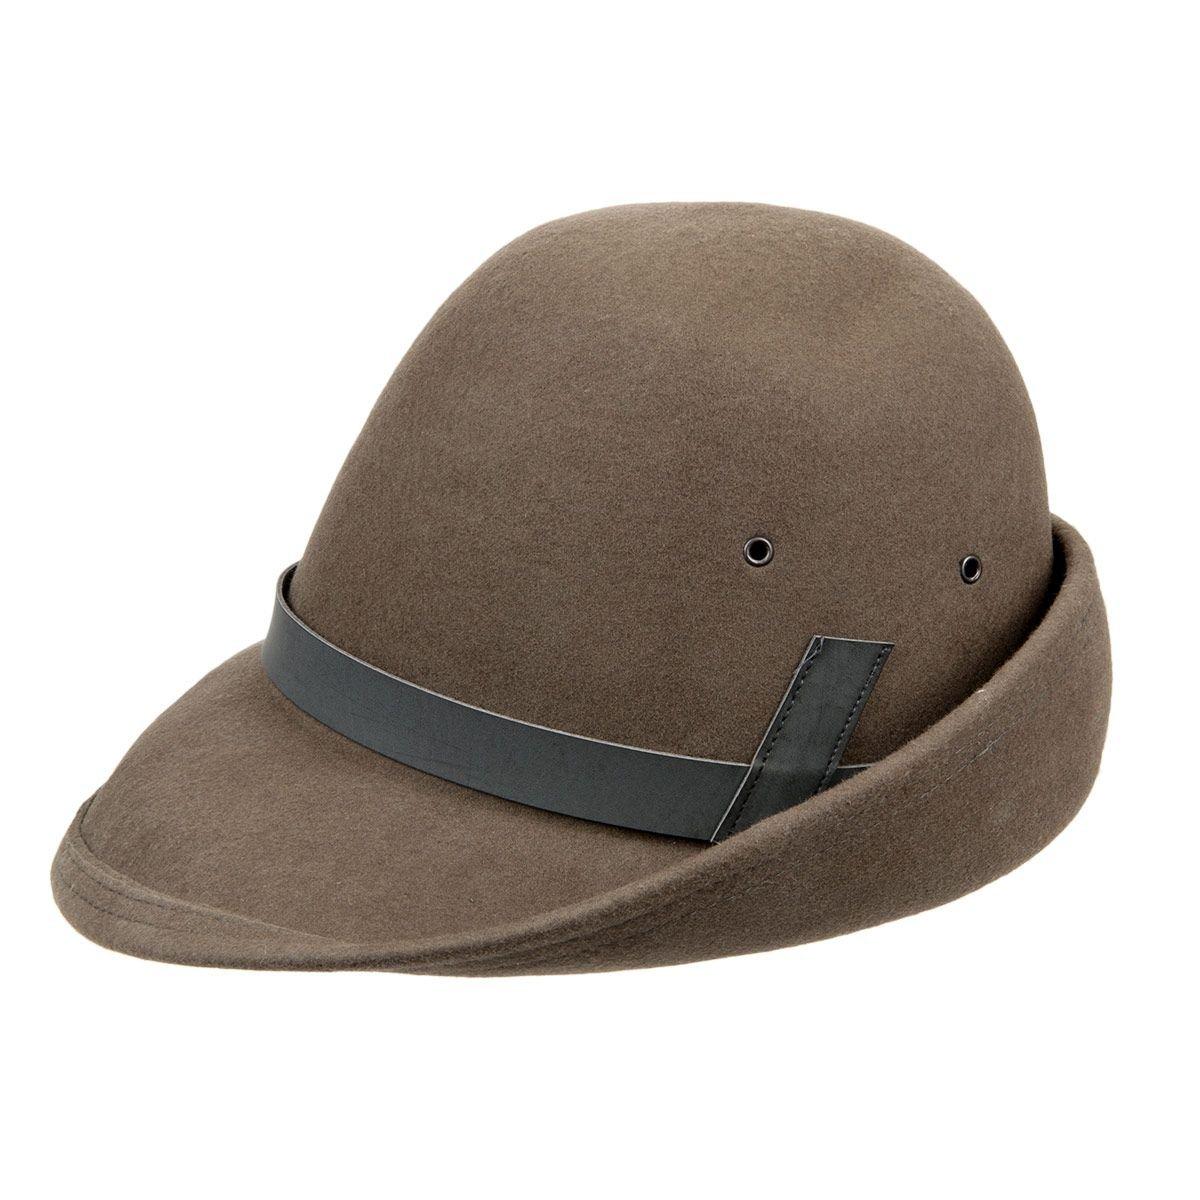 Cappello Alpini modello Truppa 4ddf1172a5a9